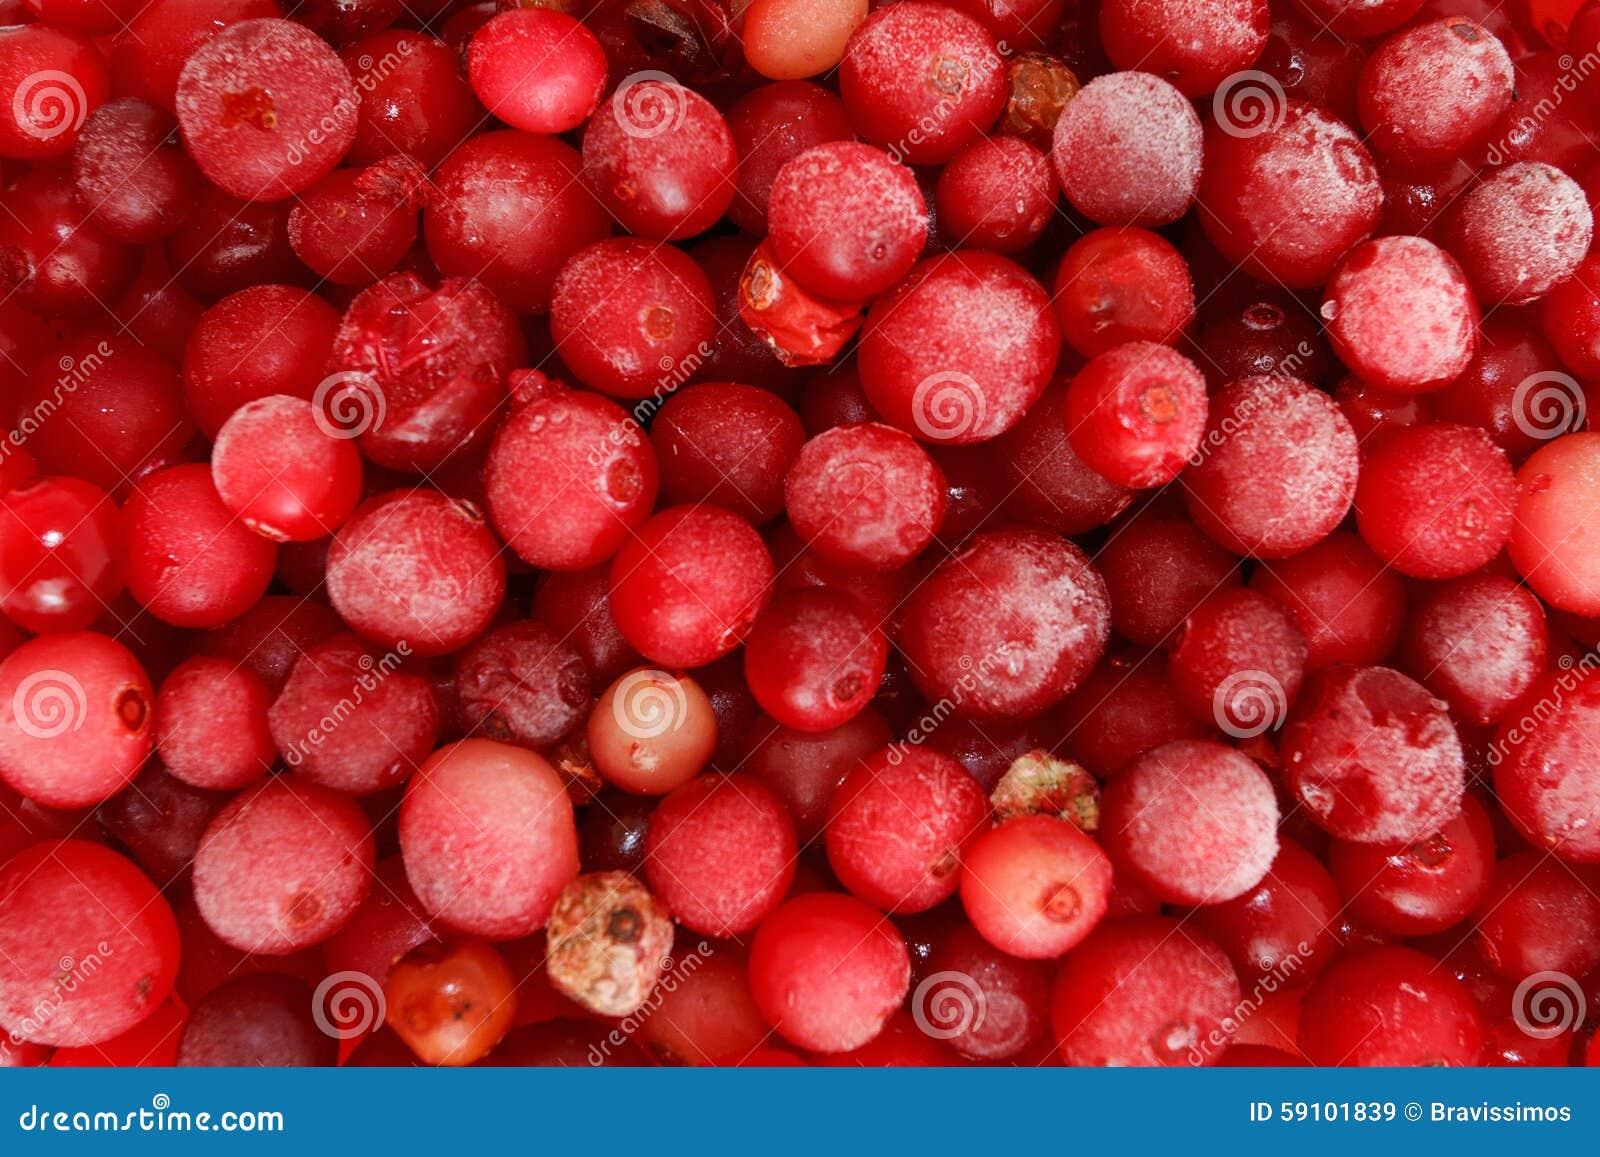 冷冻红浆果的宏观射击